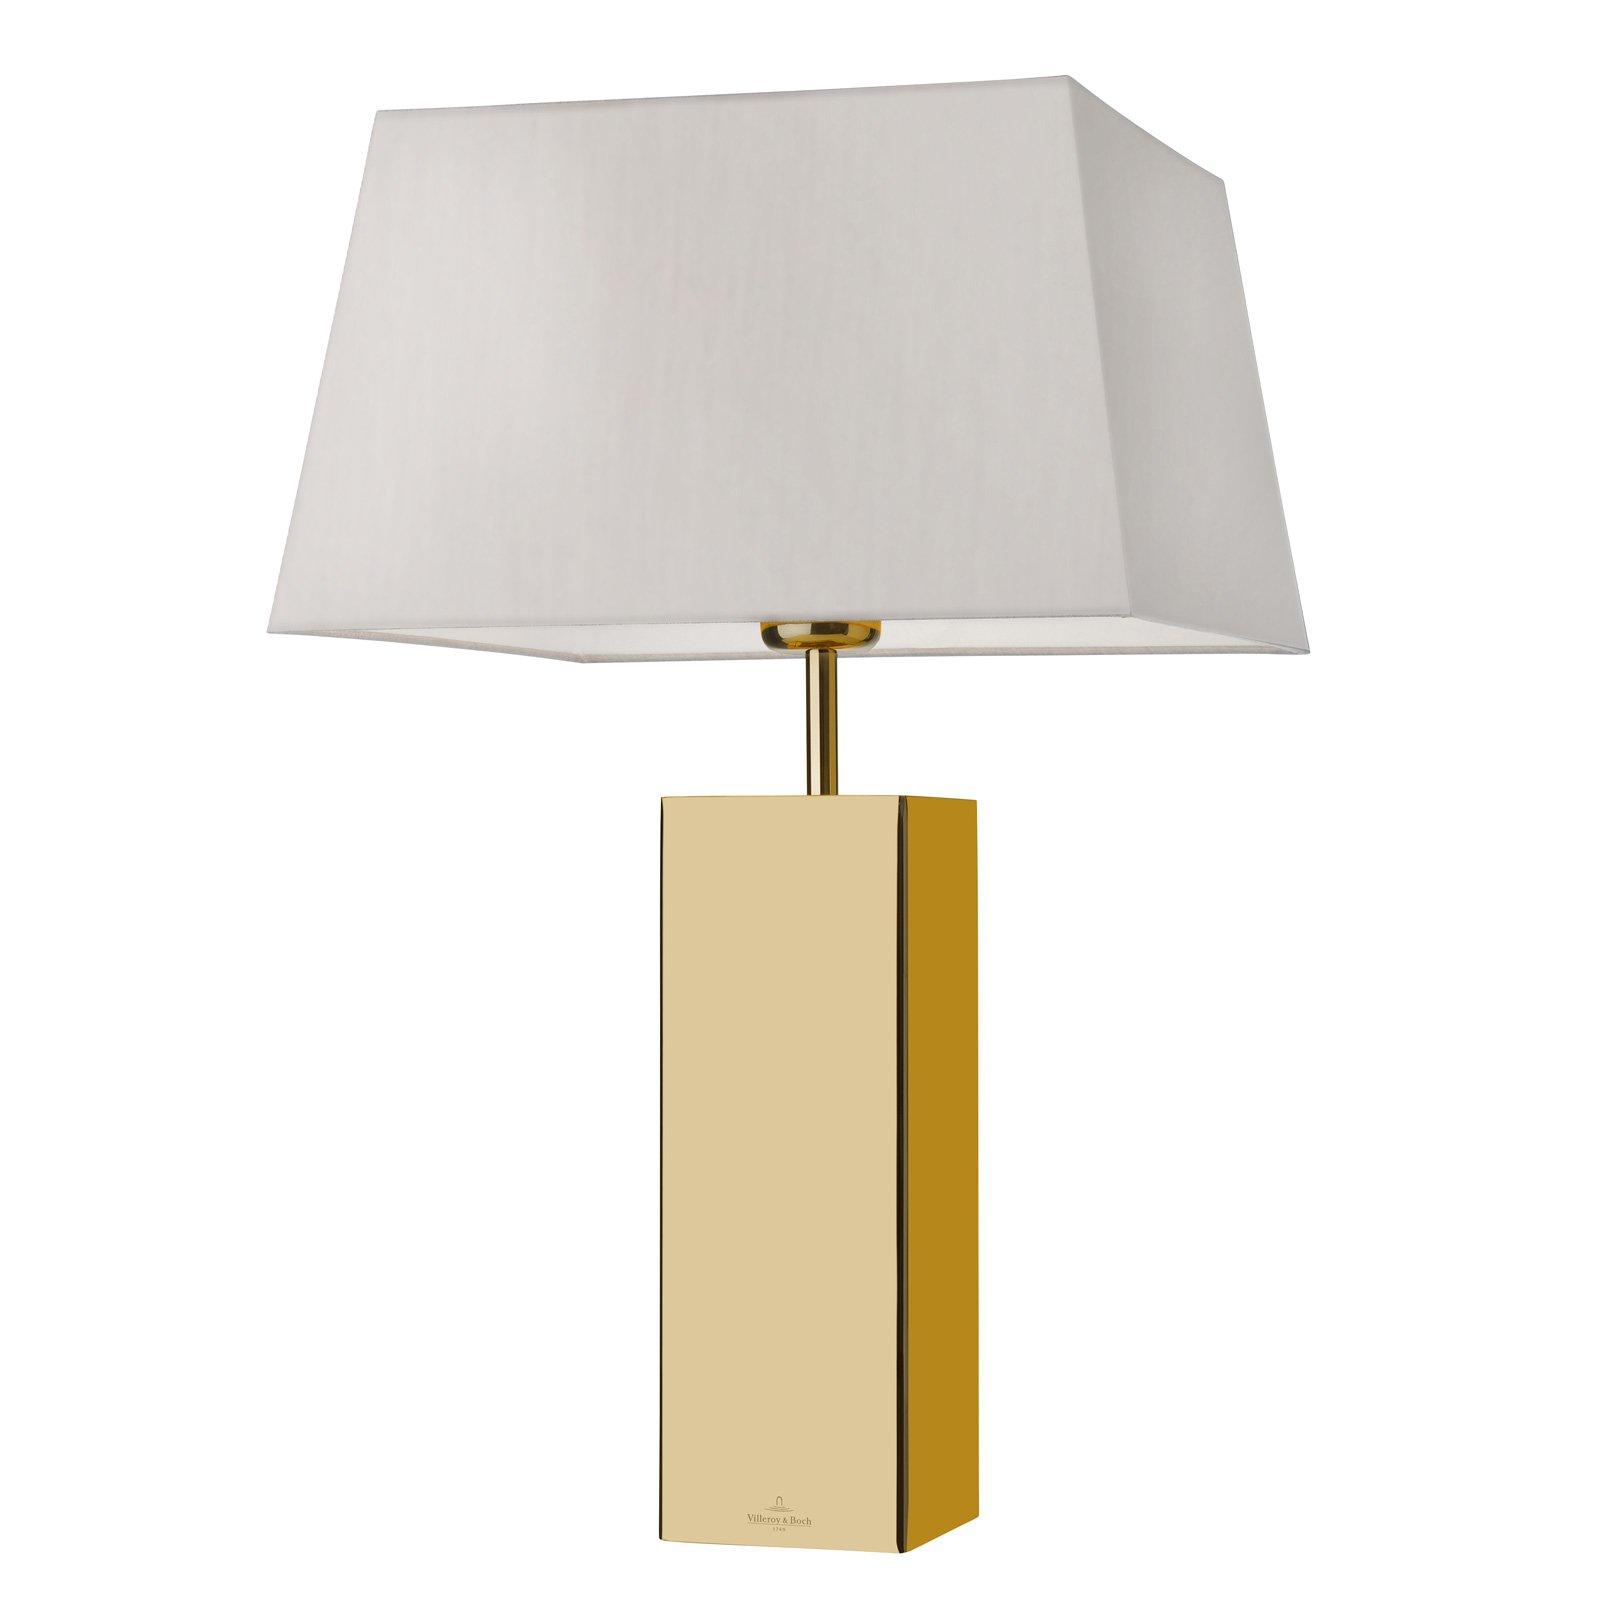 Villeroy & Boch Prag bordlampe i gullstil